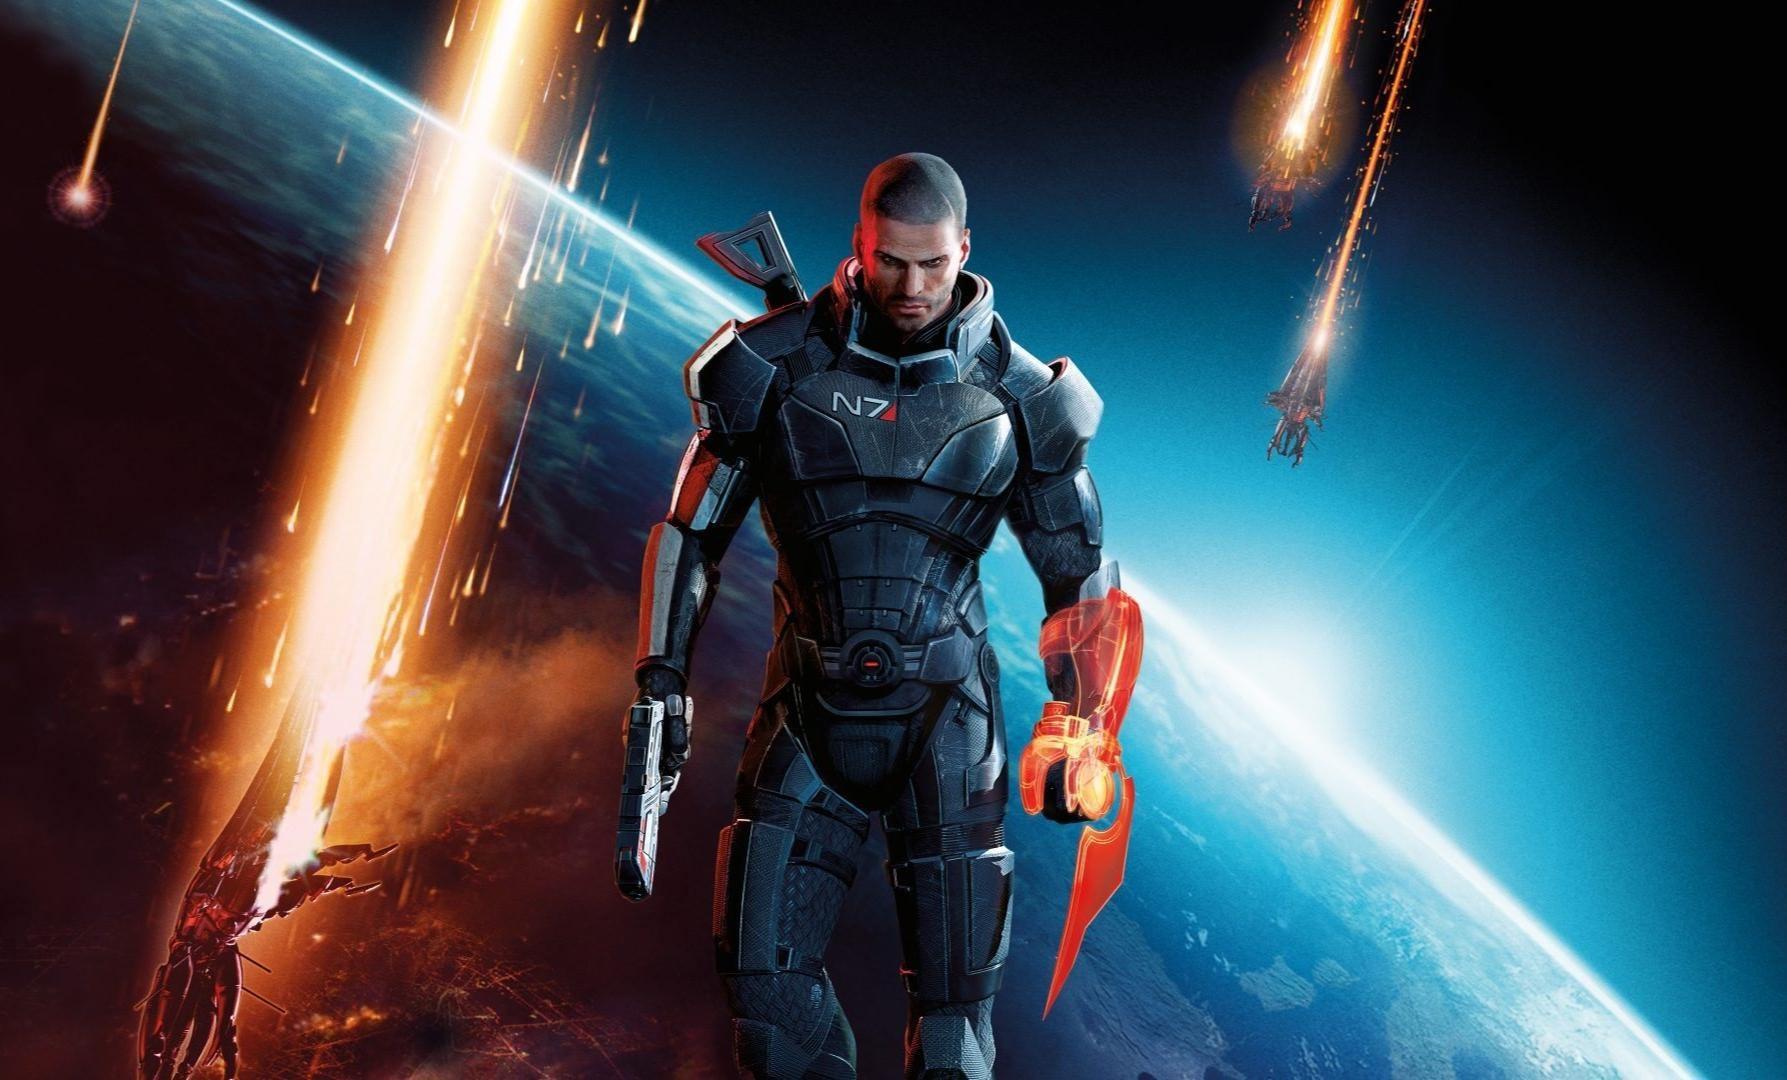 Инсайдер Shpeshal_Nick с подкаста рассказал, что 22 июля на презентации EA Play компания может анонсировать мультиплеер для Mass Effect 3 из переиздания трилогии Legendary Edition